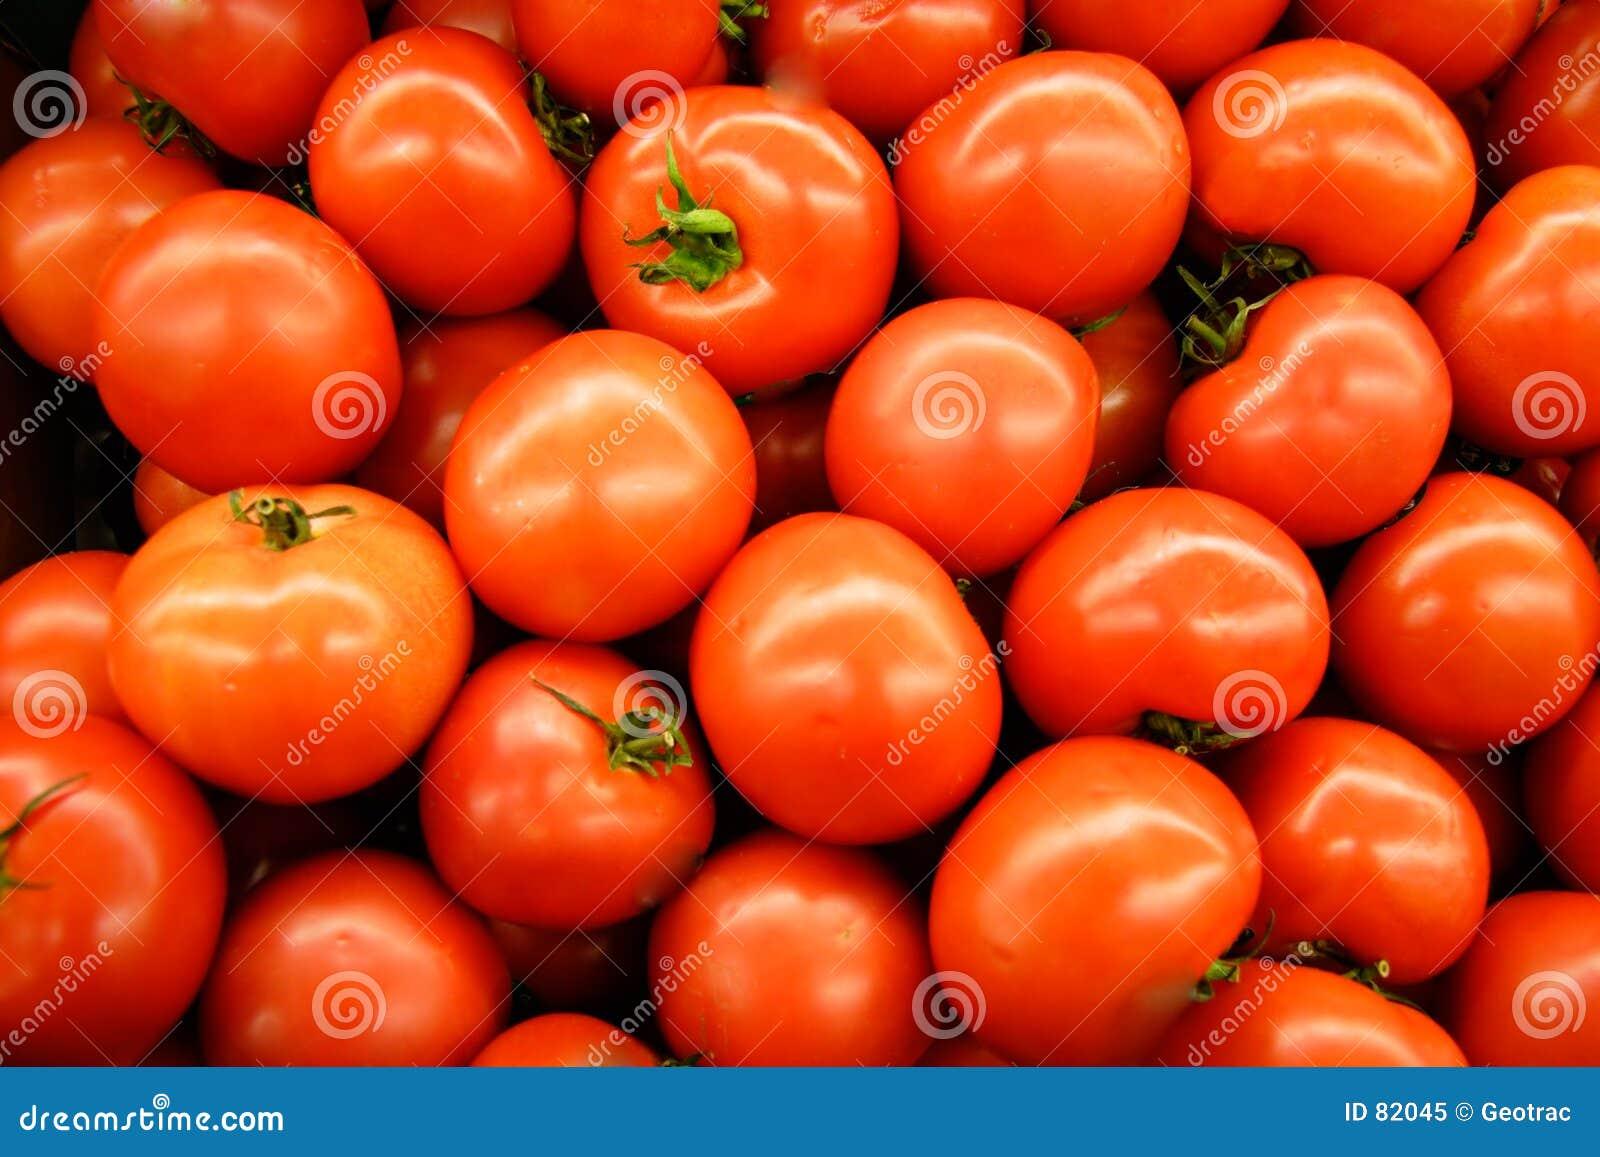 καυτές ντομάτες σπιτιών